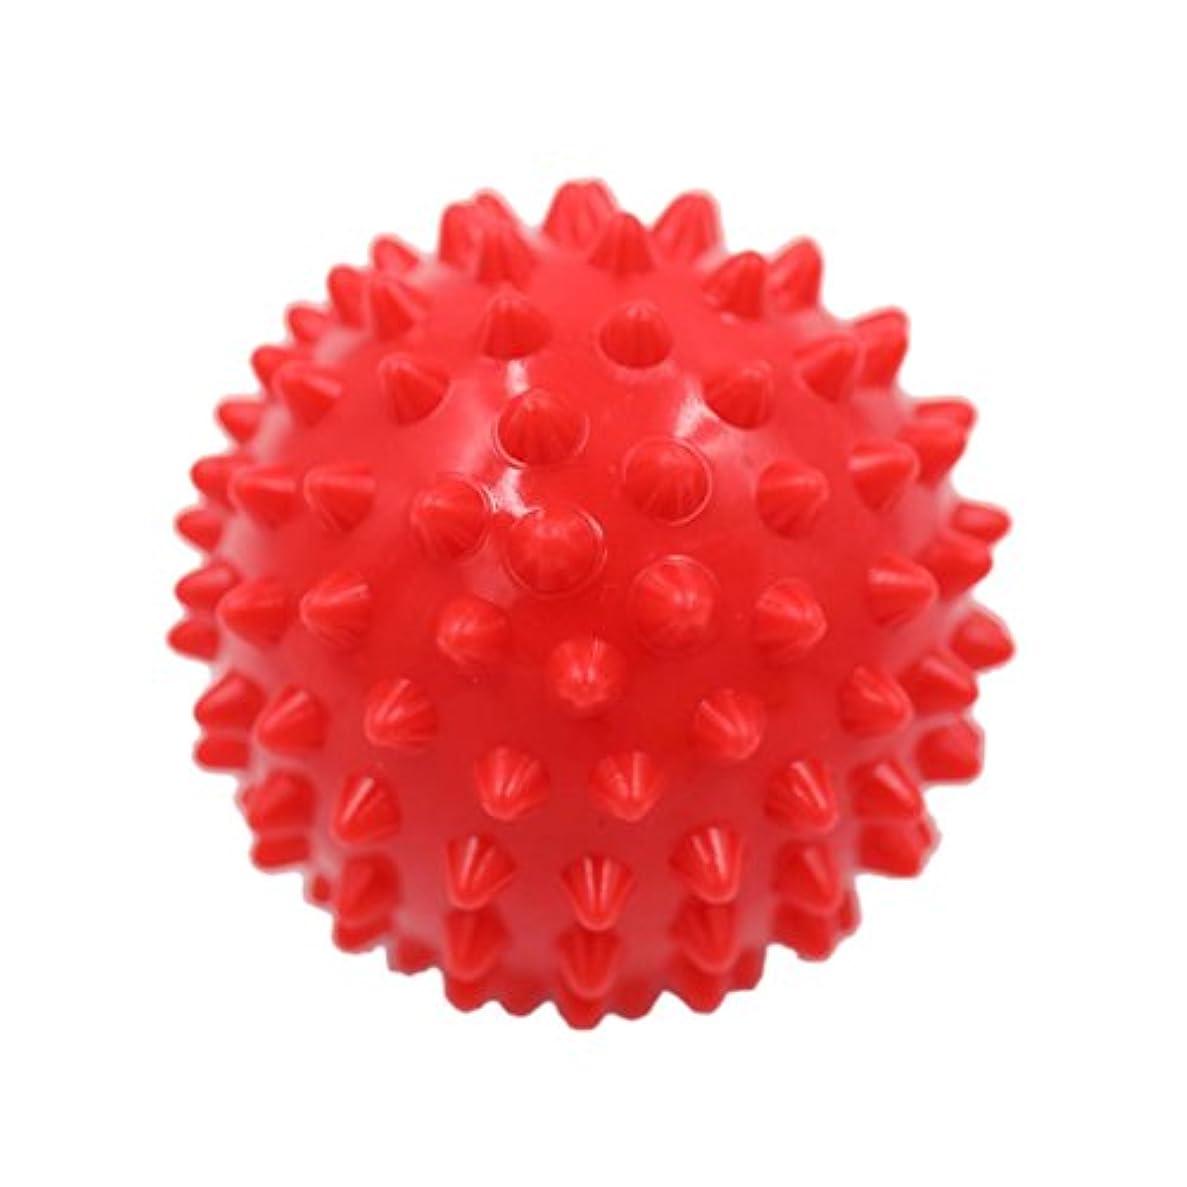 オーナメント観光に行く欠陥マッサージボール マッサージ器 ボディ レリーフ スパイク マッサージ 刺激ボール 3色選べ - 赤, 説明したように